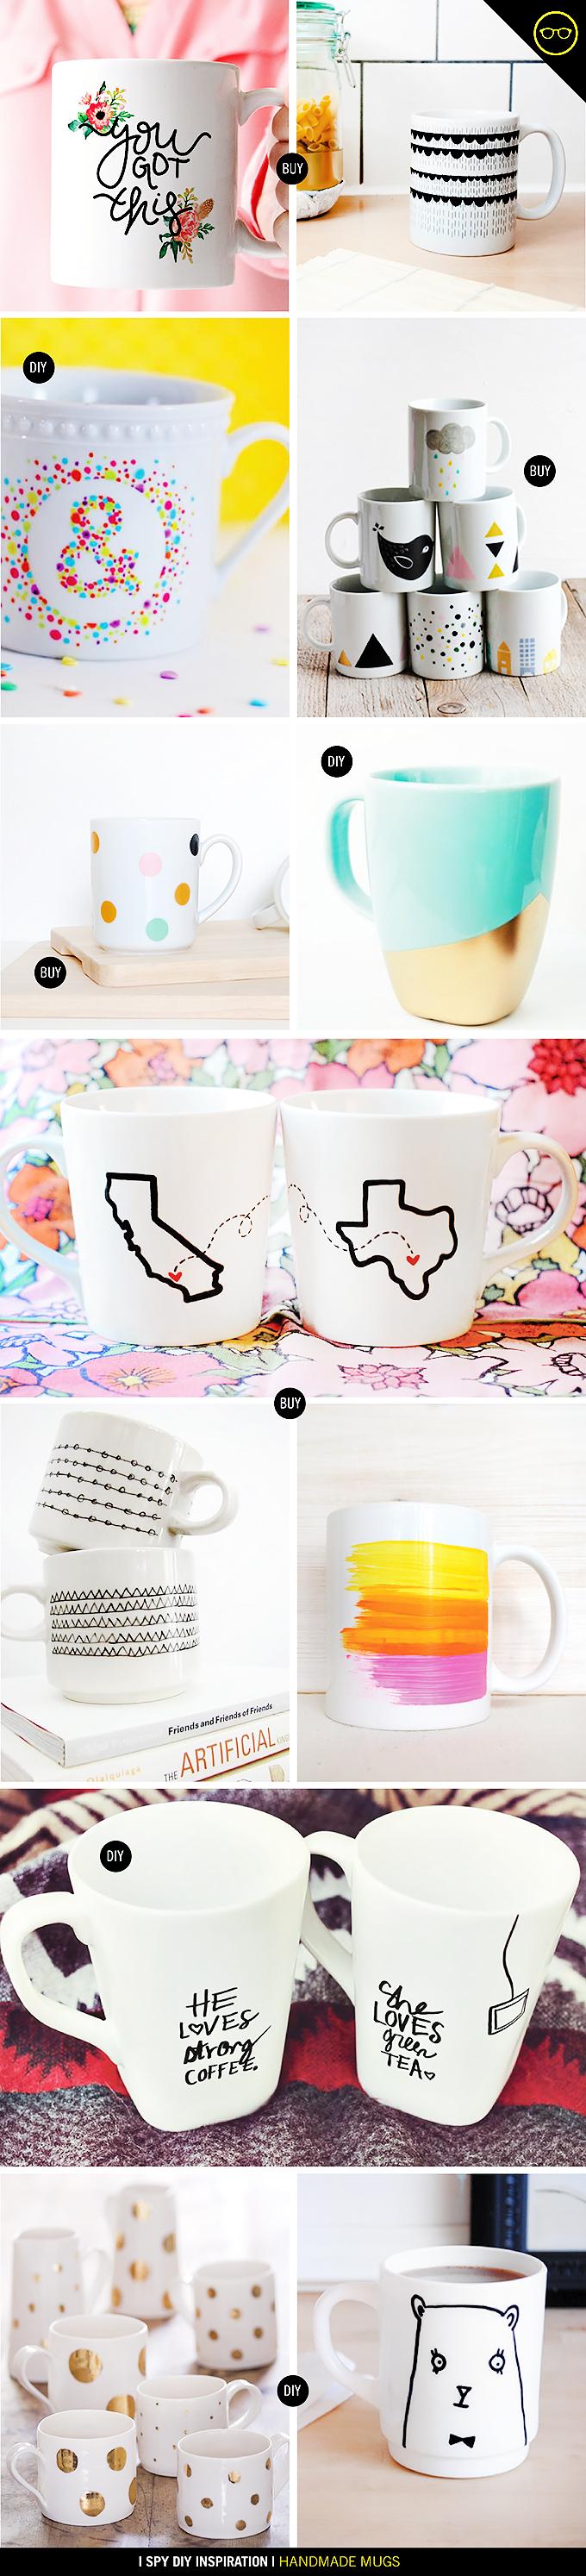 DIY INSPIRATION   Handmade Mugs   I Spy DIY   Bloglovin'